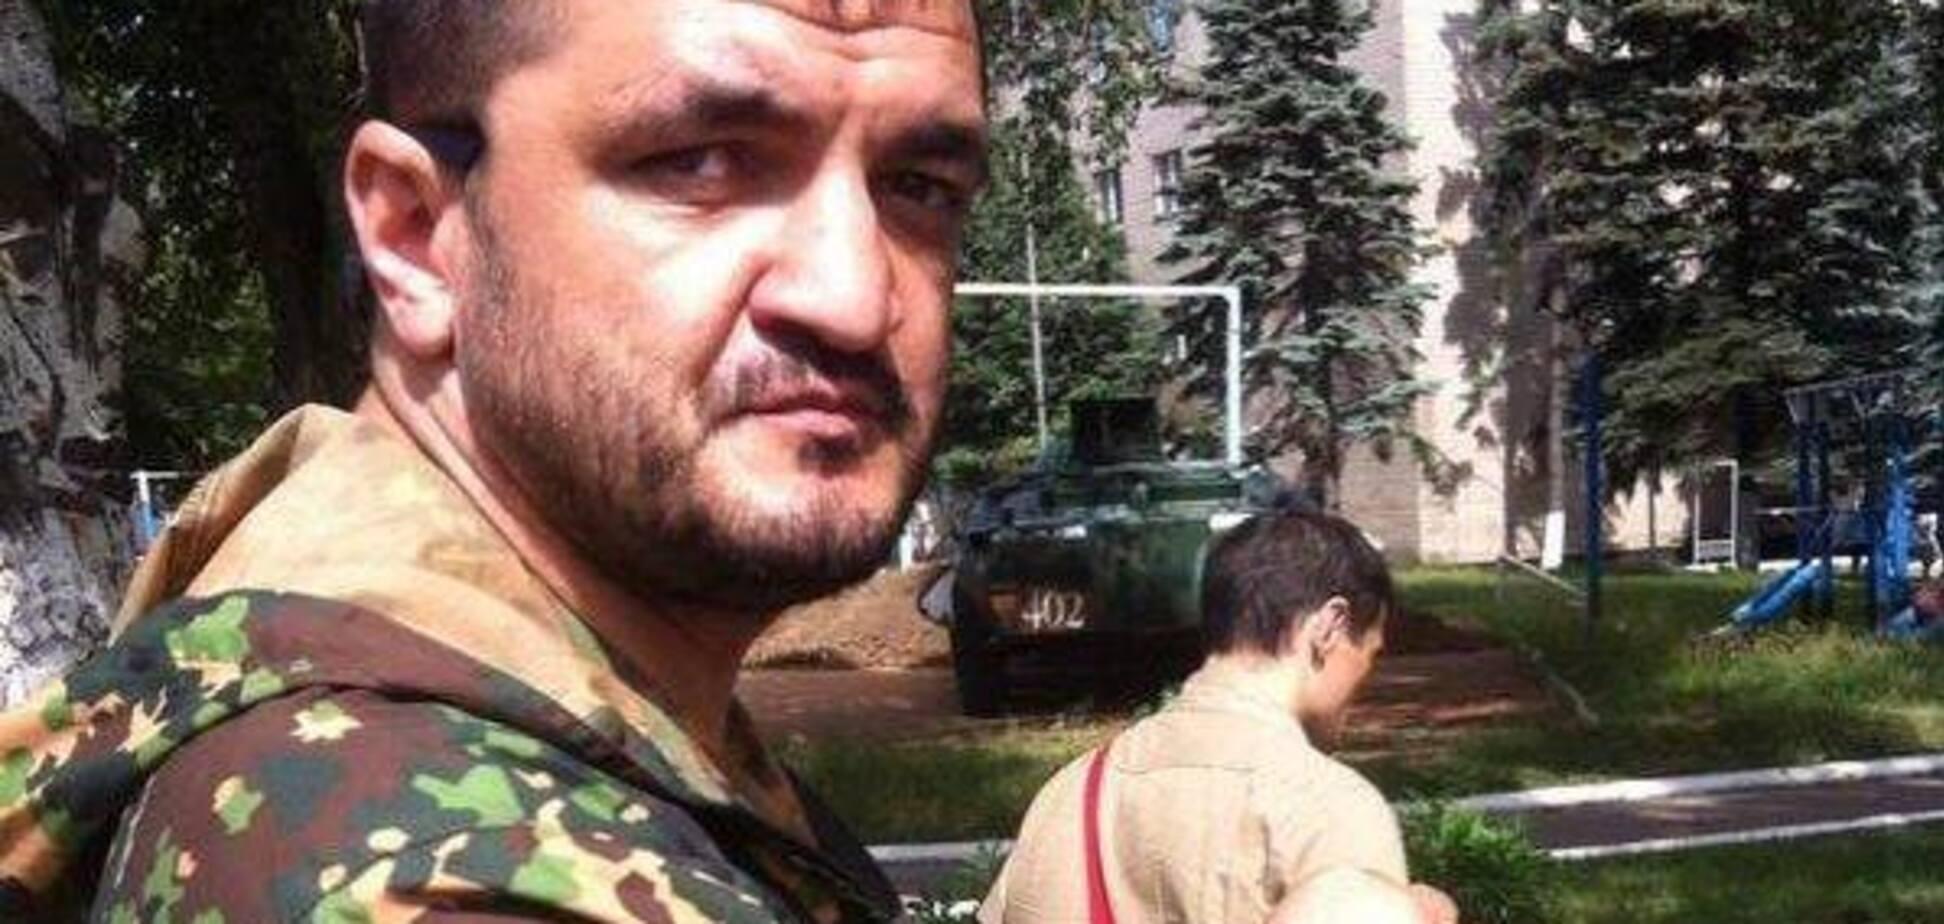 Ліквідація 'Мамая': стало відомо, що відбувається у 'ДНР' після загибелі терориста